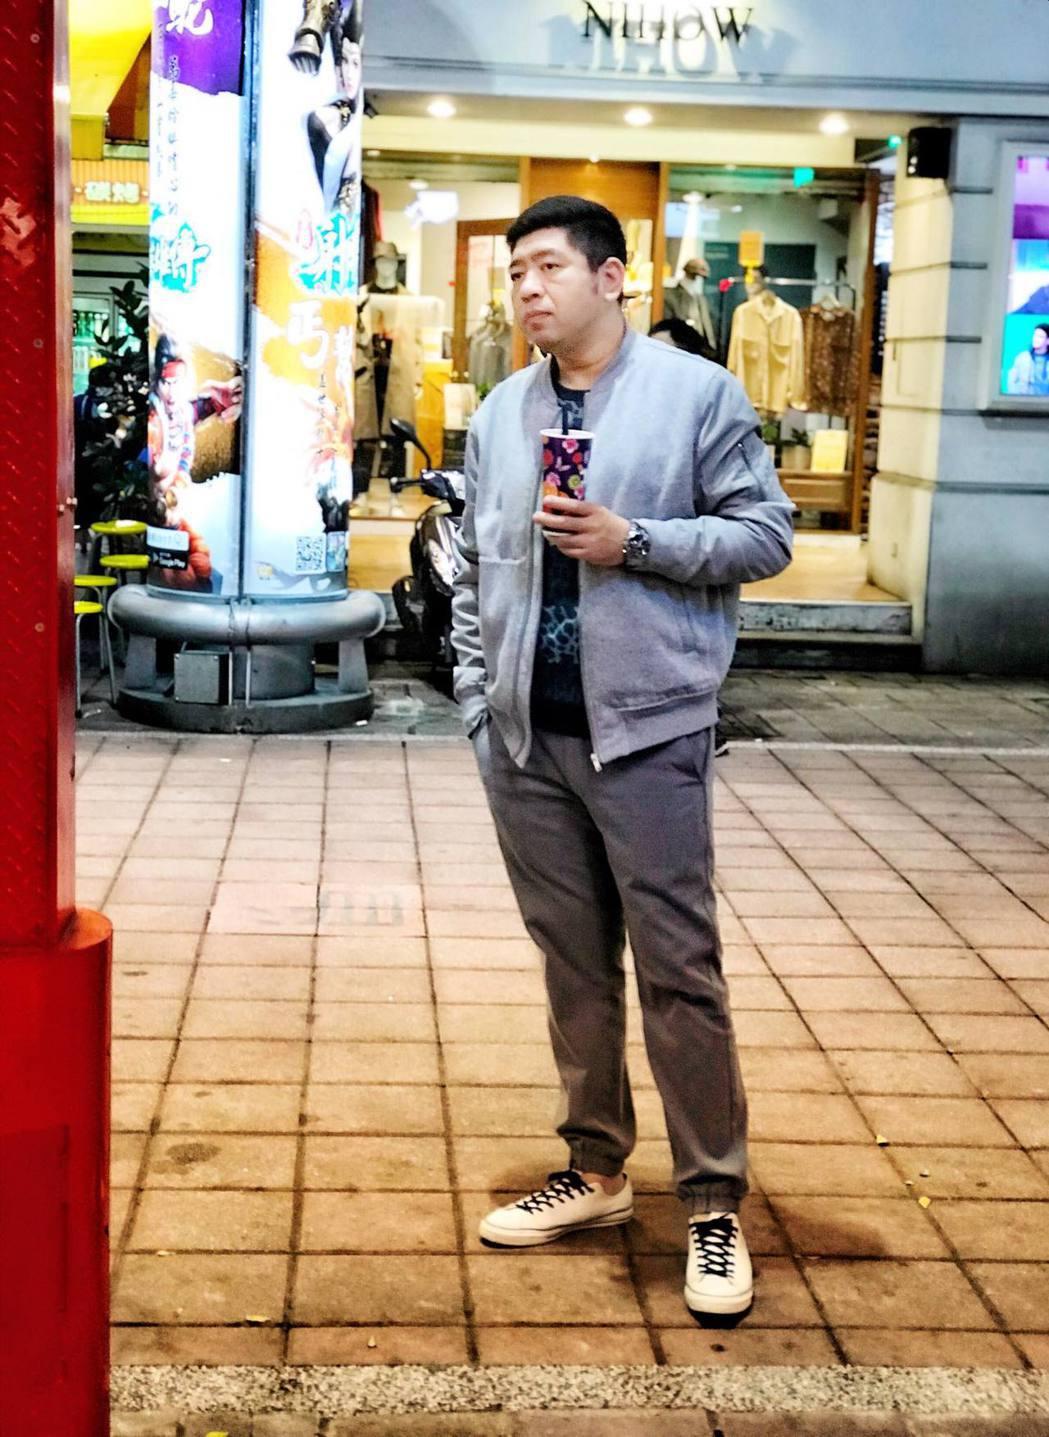 NONO開了一間富含詩意的《花羨沐嵐》手搖飲料店。 圖/擷自NONO臉書